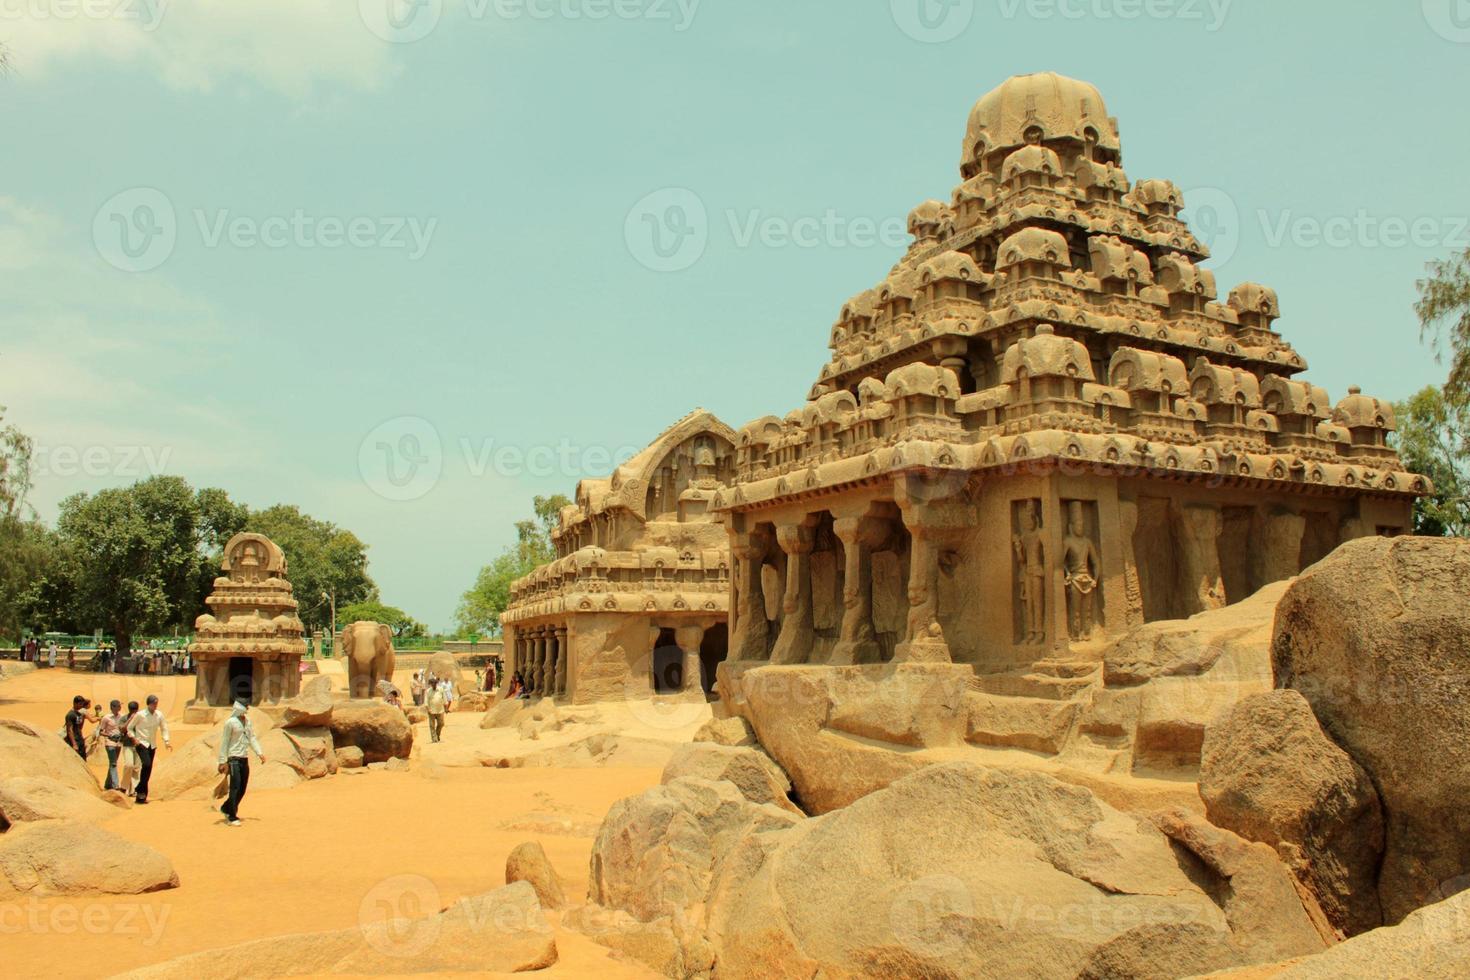 antico tempio rupestre, cinque rathas, india foto